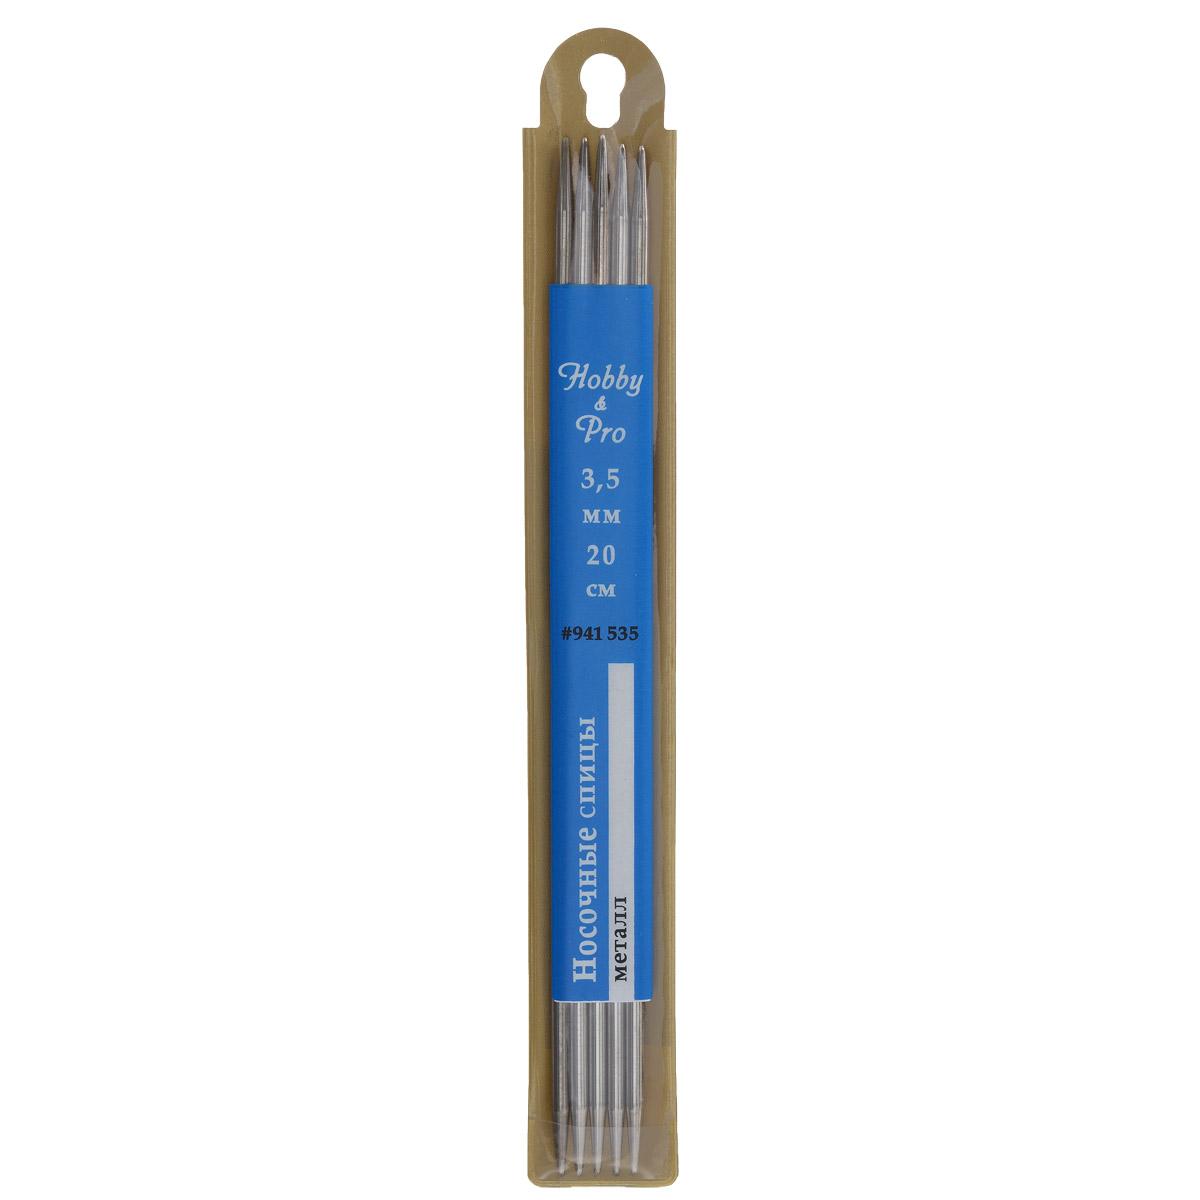 Спицы носочные Hobby & Pro, металлические, прямые, диаметр 3,5 мм, длина 20 см, 5 шт677210Спицы для вязания Hobby & Pro изготовлены из высококачественного металла. Спицы прочные, легкие, гладкие, удобные в использовании. Кончики спиц закругленные. Спицы без ограничителей предназначены для вязания шапочек, варежек и носков. Вы сможете вязать для себя и делать подарки друзьям. Рукоделие всегда считалось изысканным, благородным делом. Работа, сделанная своими руками, долго будет радовать вас и ваших близких.